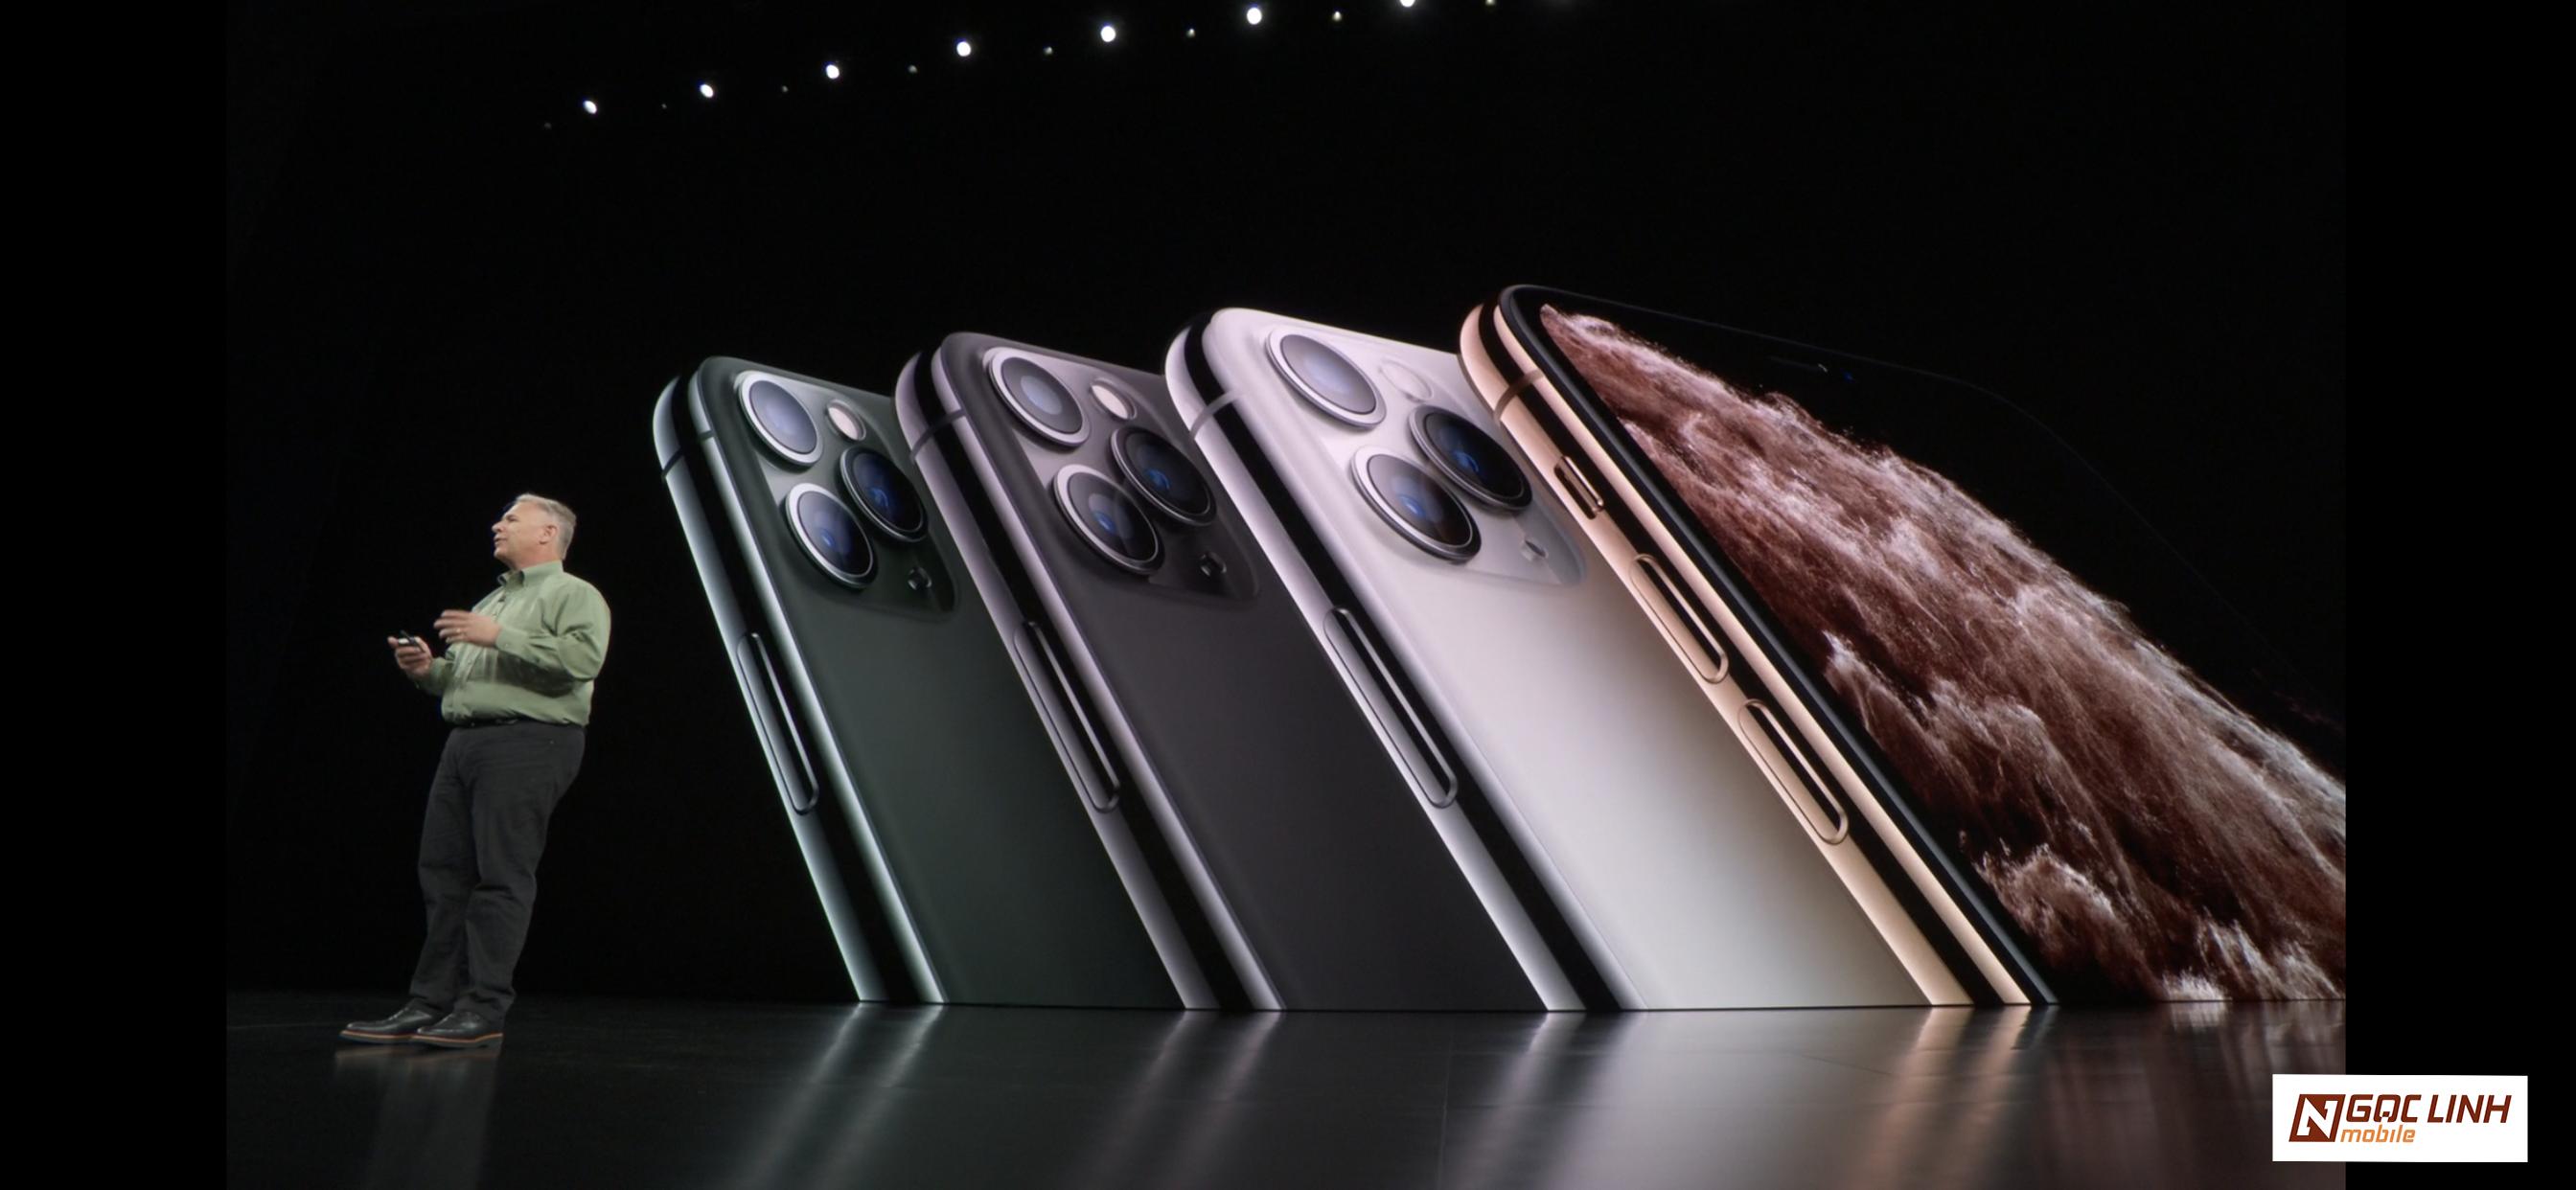 iPhone 11 iPhone 11 - Sự kiện ra mắt iPhone 11 có những gì